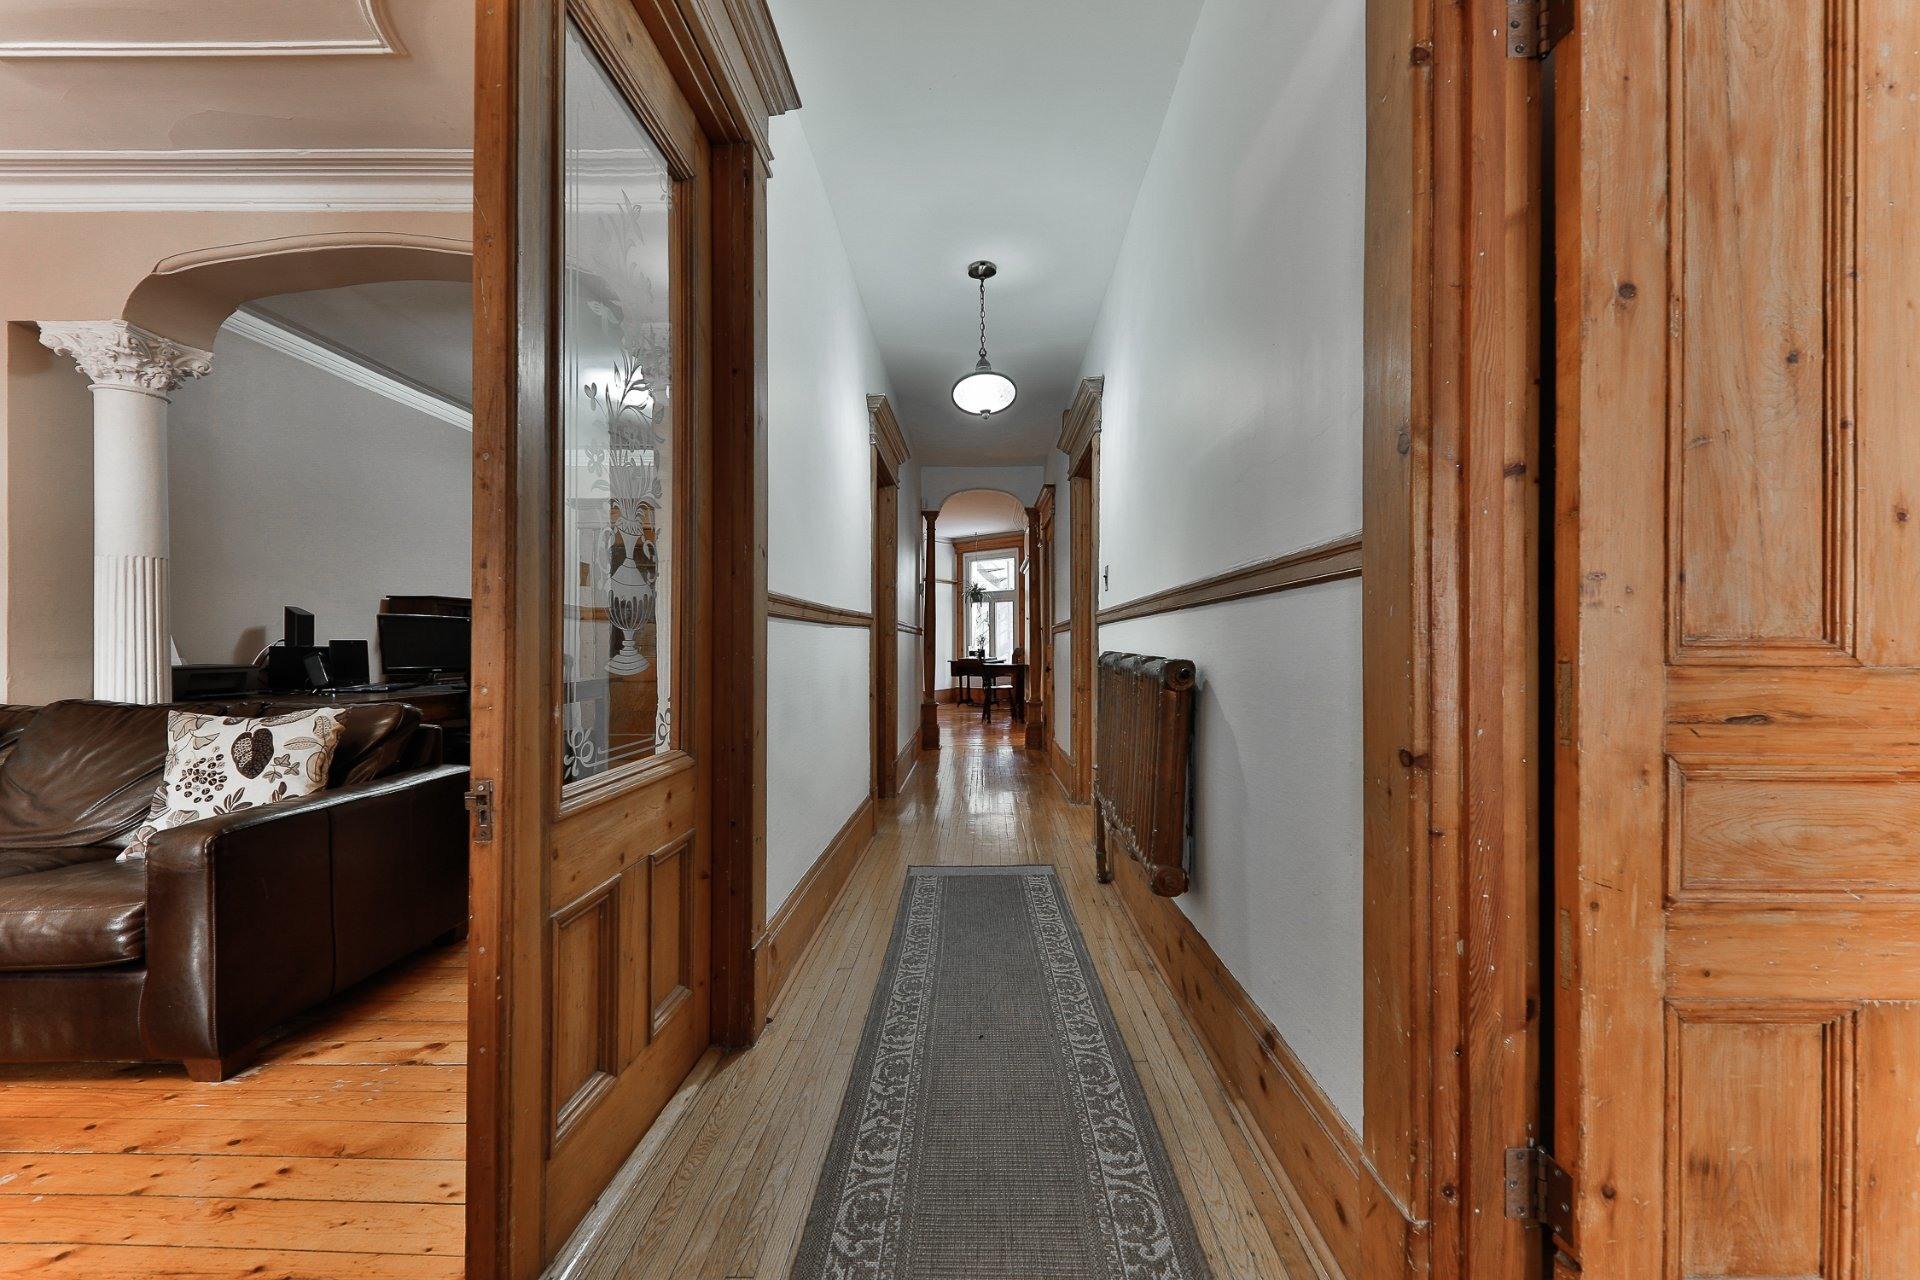 image 16 - Appartement À vendre Le Plateau-Mont-Royal Montréal  - 8 pièces